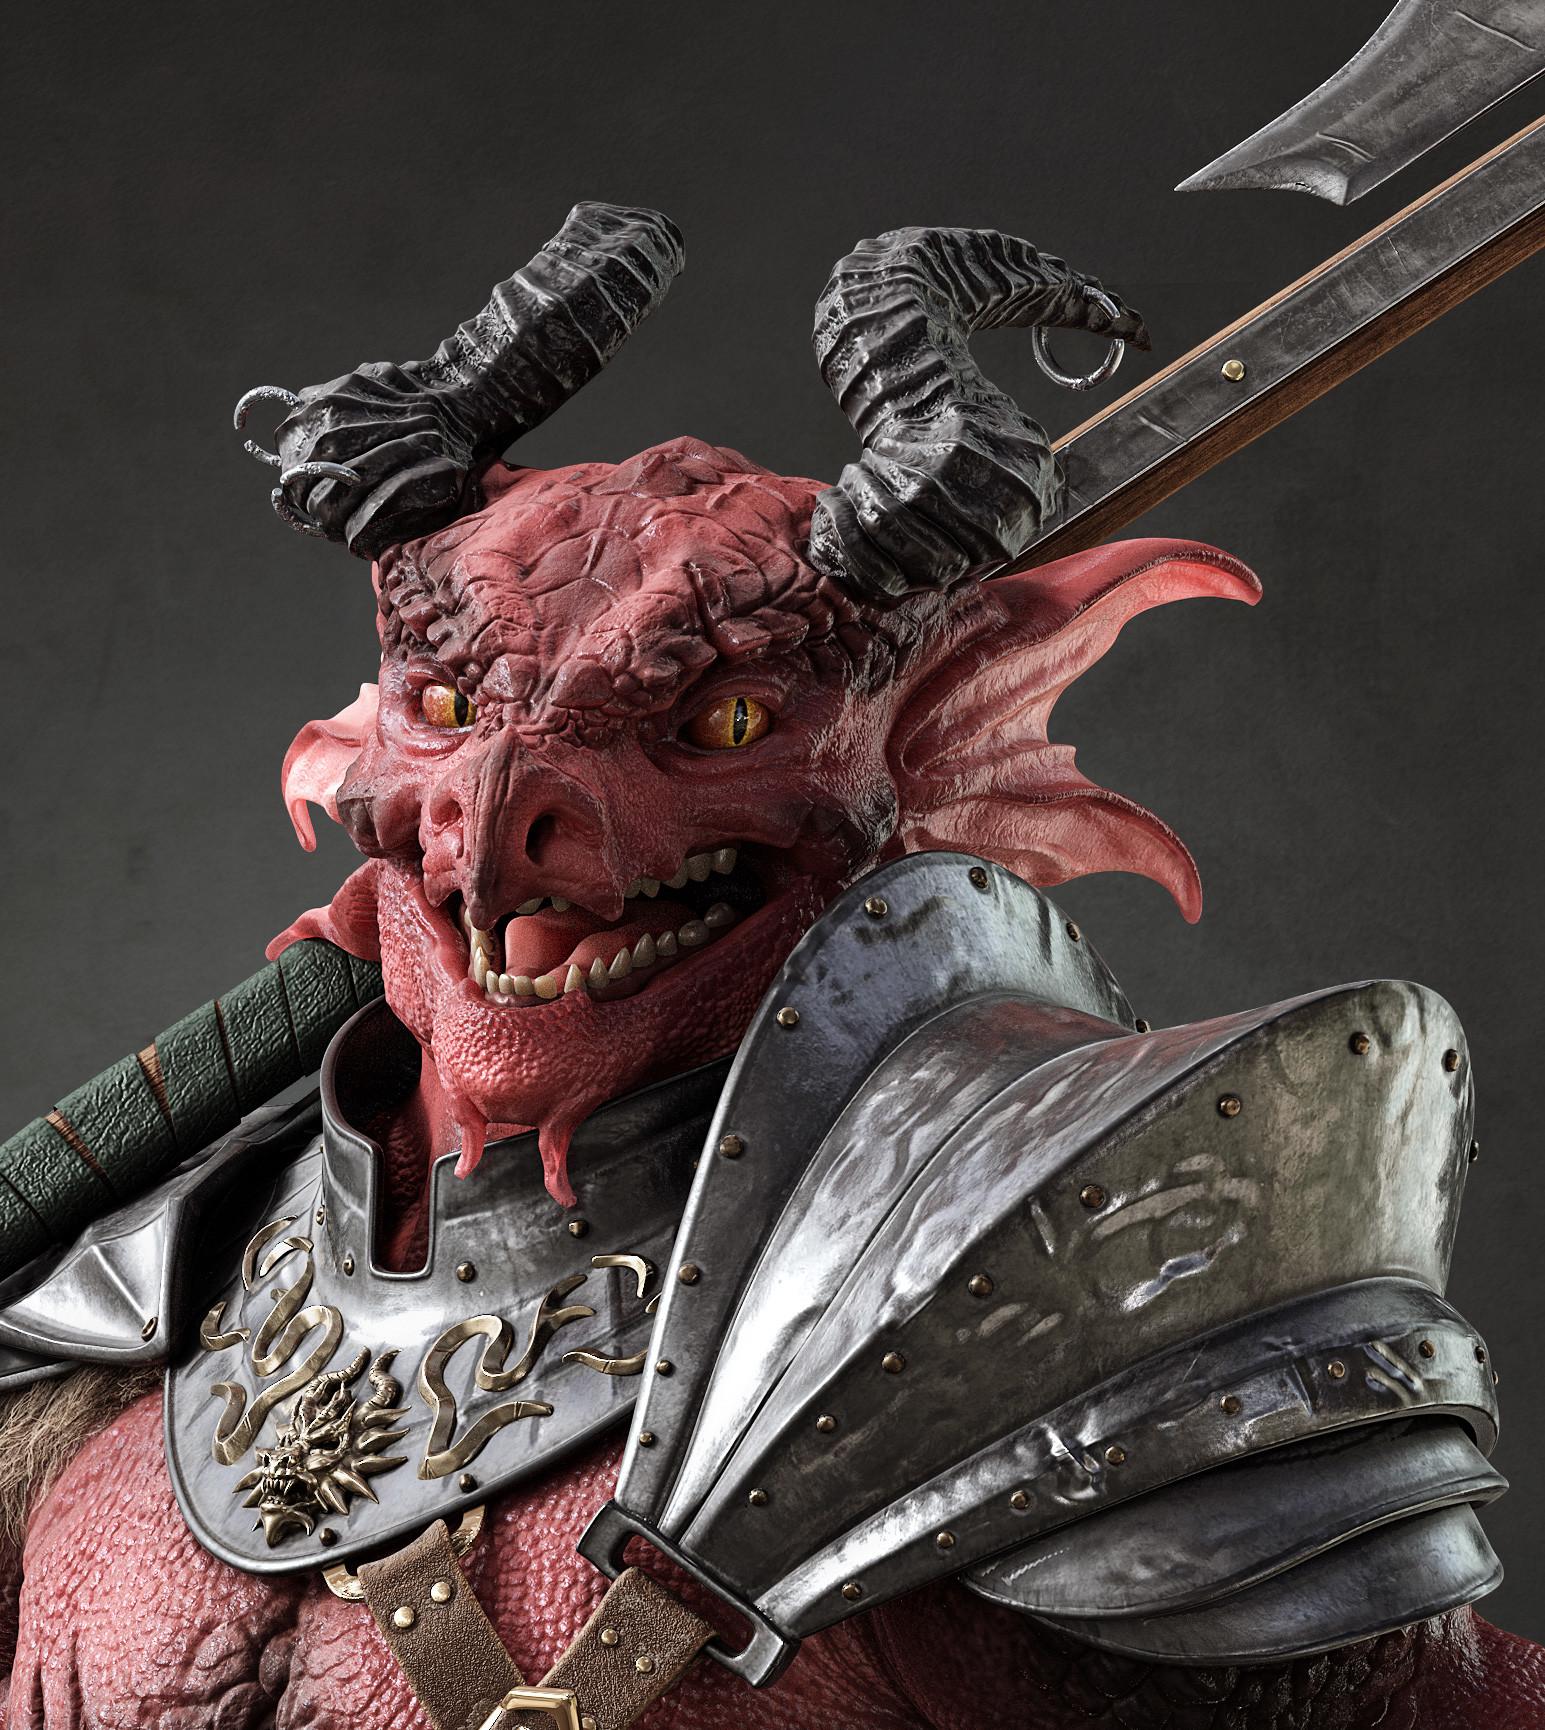 Dnd Red Dragon: D&D 5e Dragonborn Barbarian